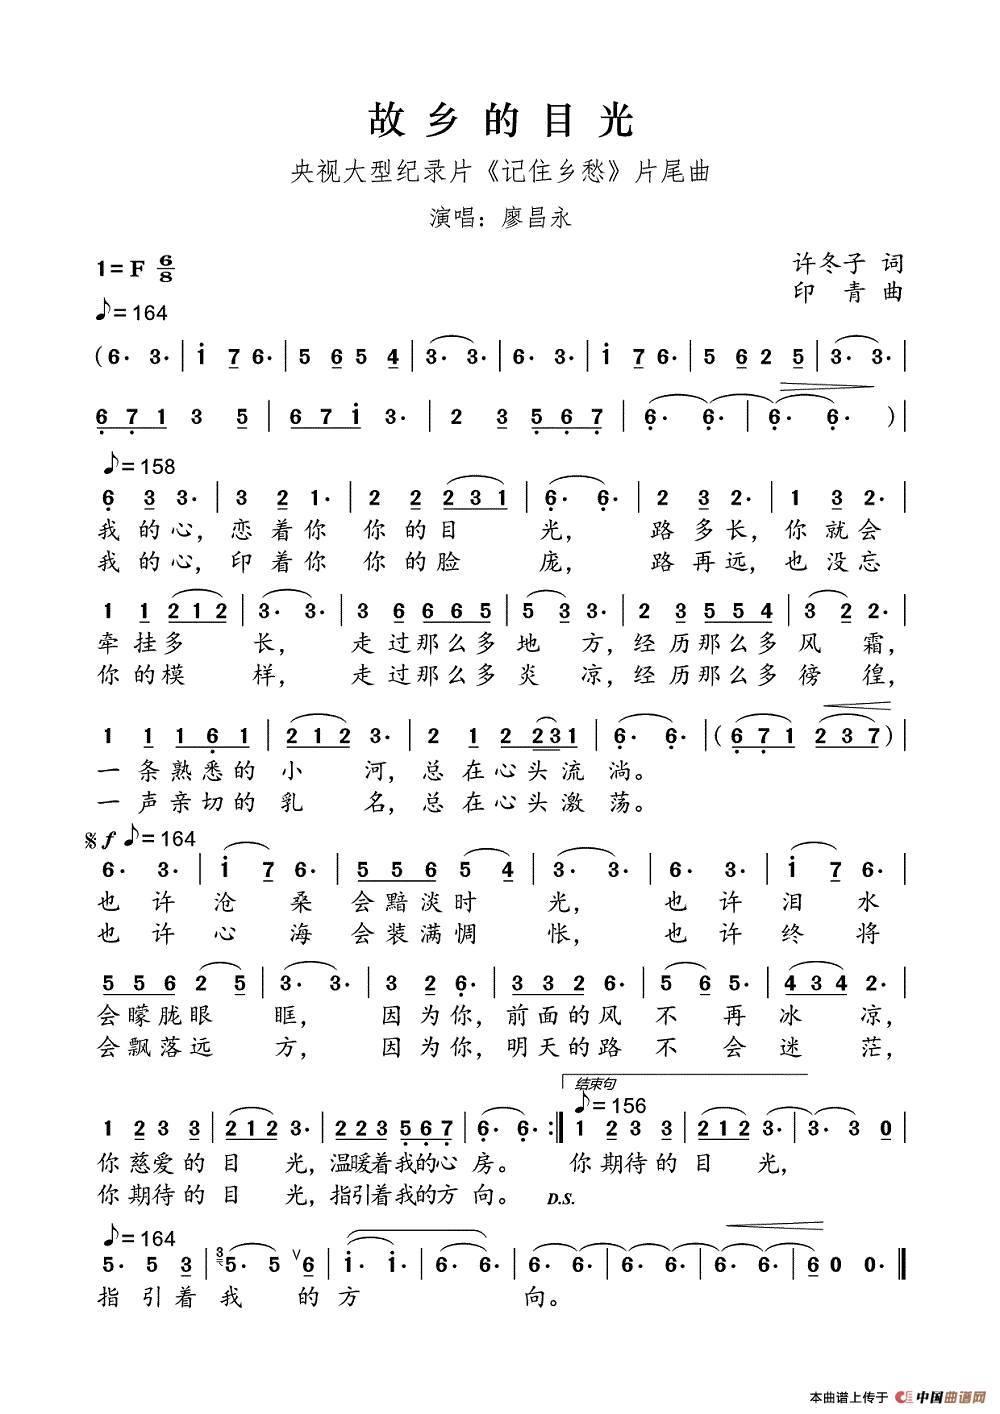 廖昌永 《故乡的目光》 作词:许冬子 作曲:印青